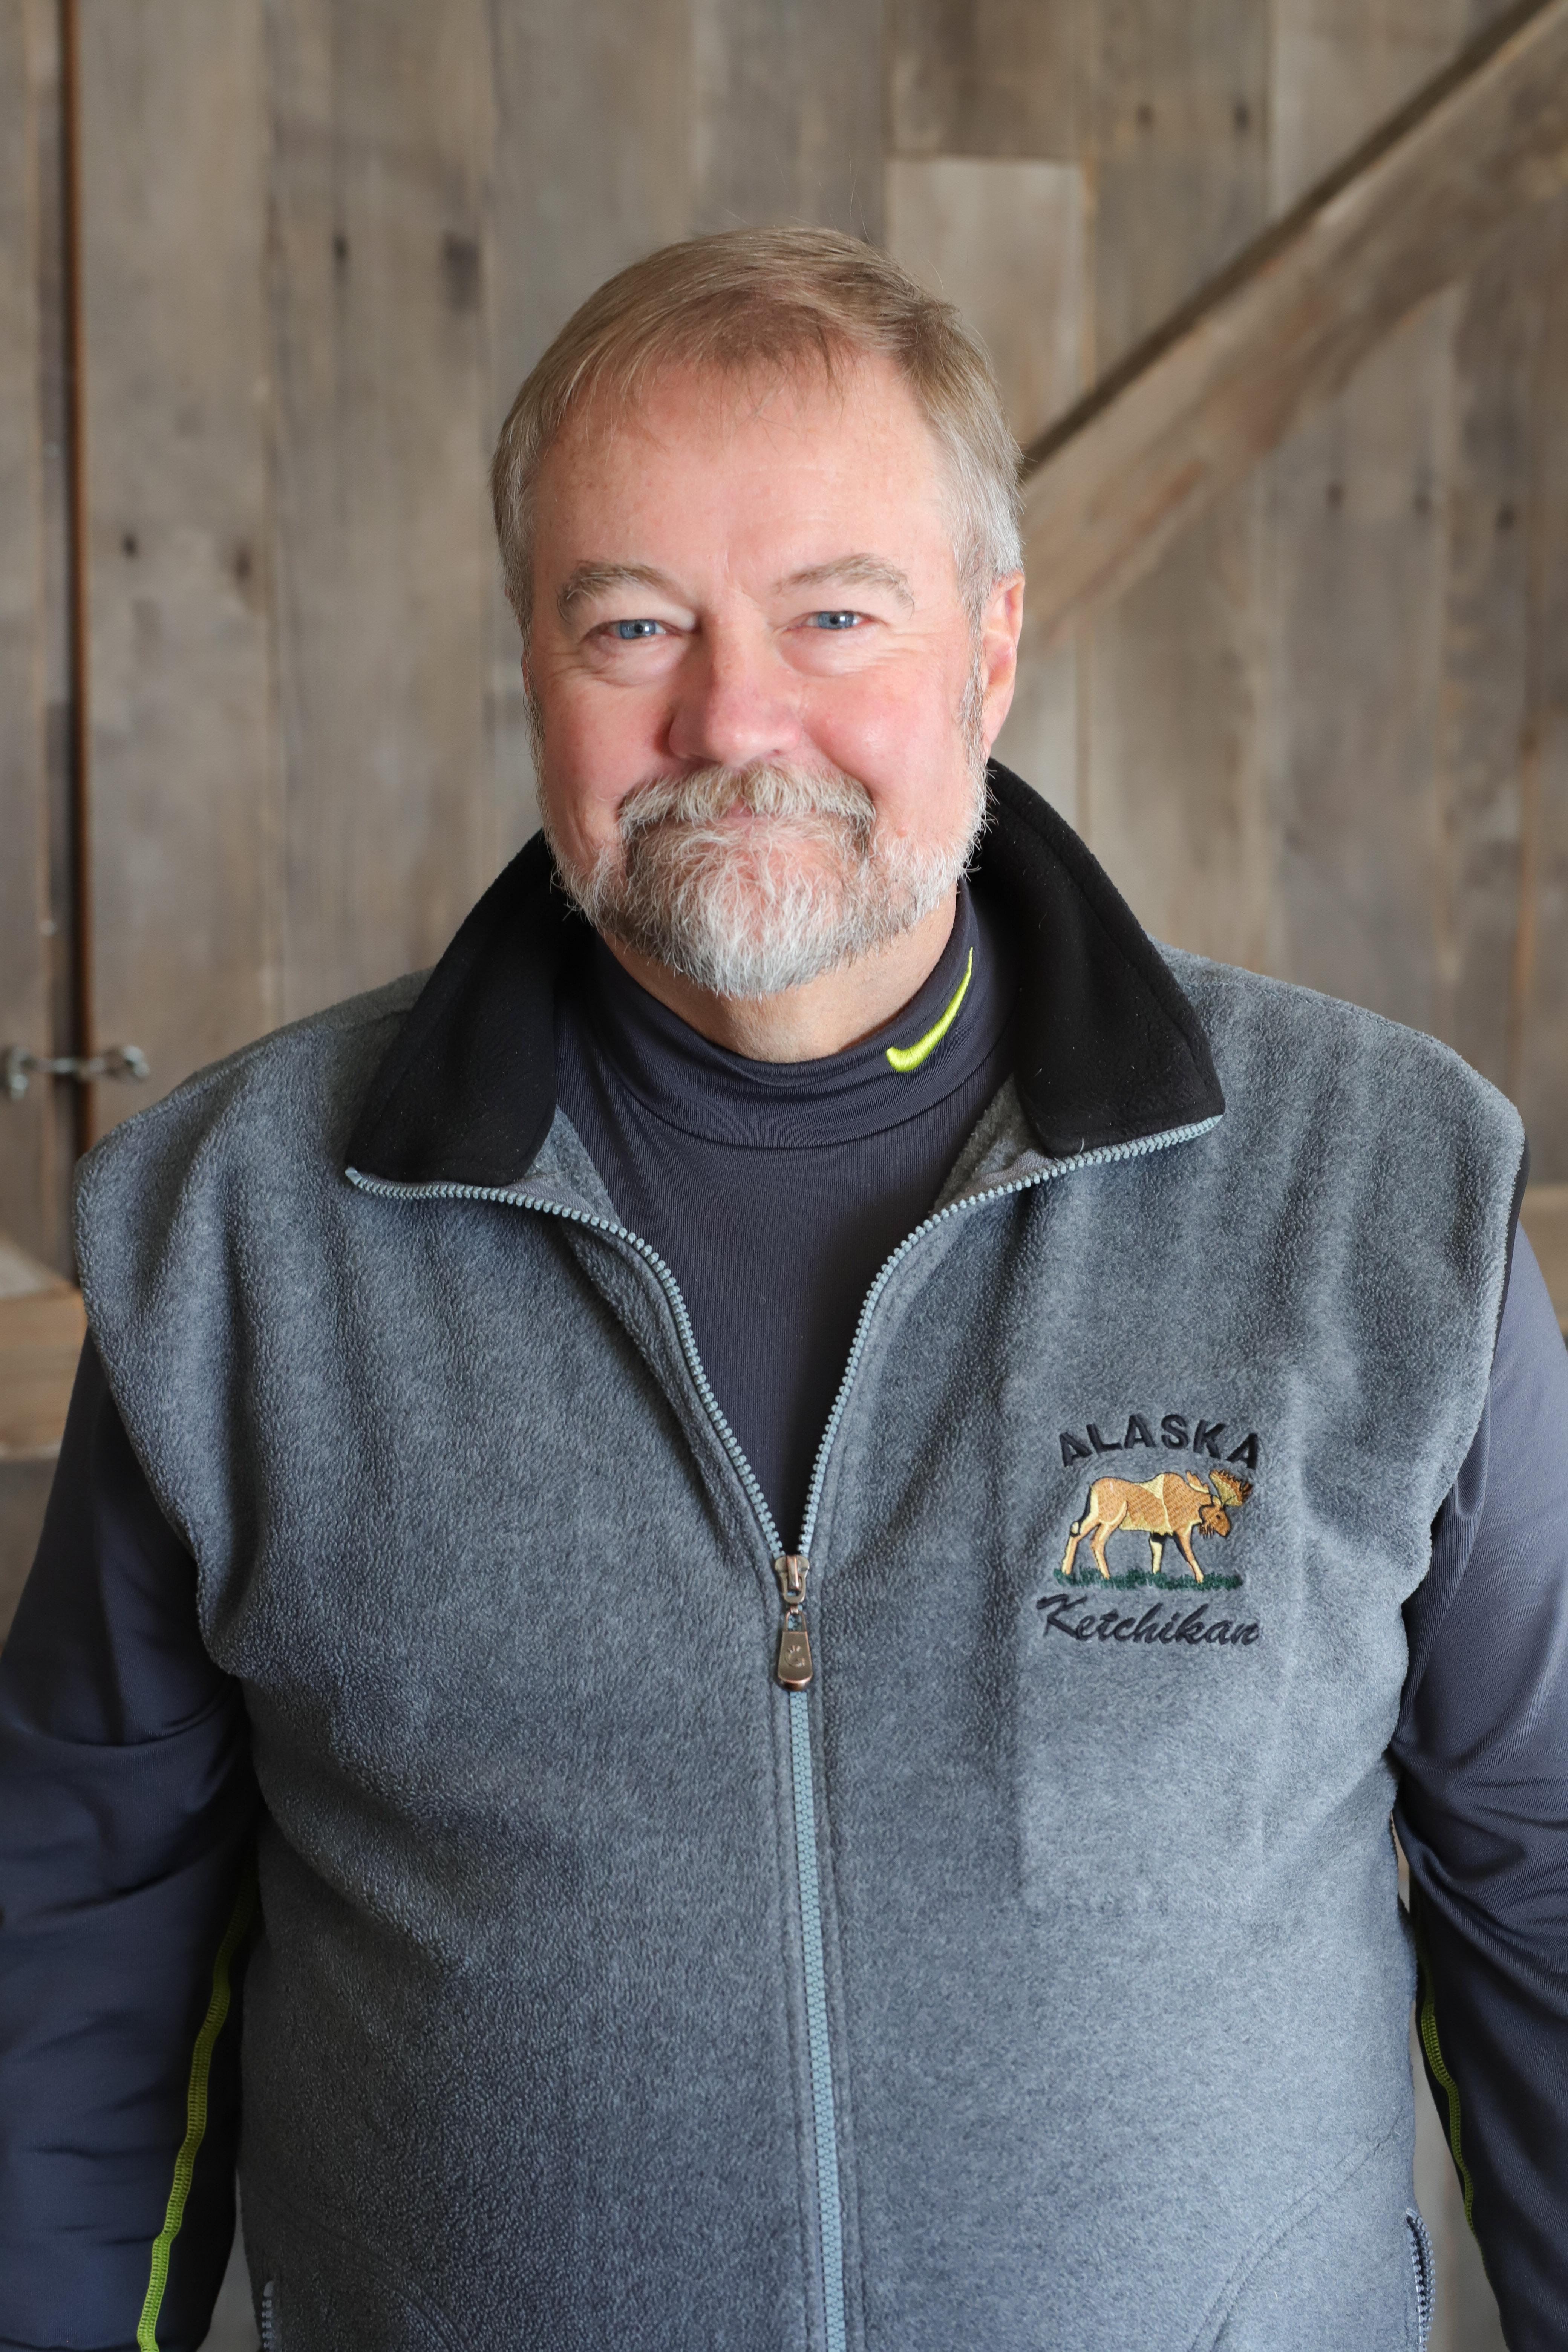 Rick Cleaver